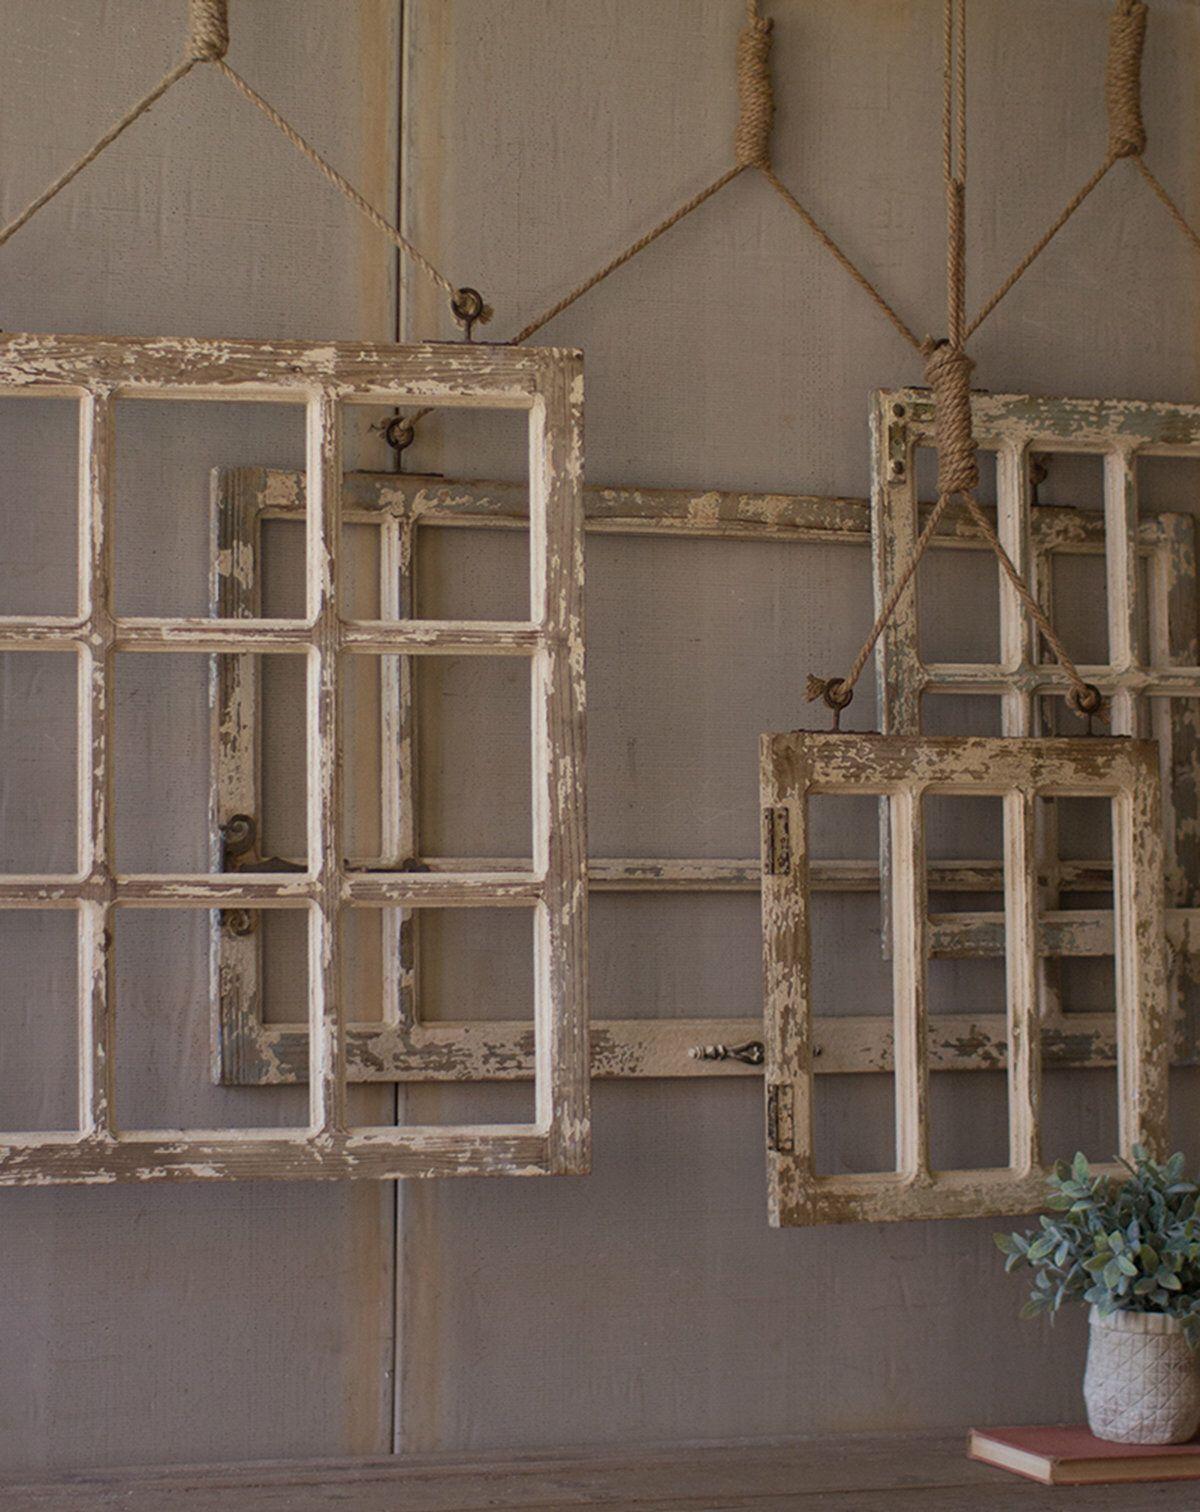 4 Piece Window Frame Wall Decor Set Wood Window Frame Frame Wall Decor Frames On Wall